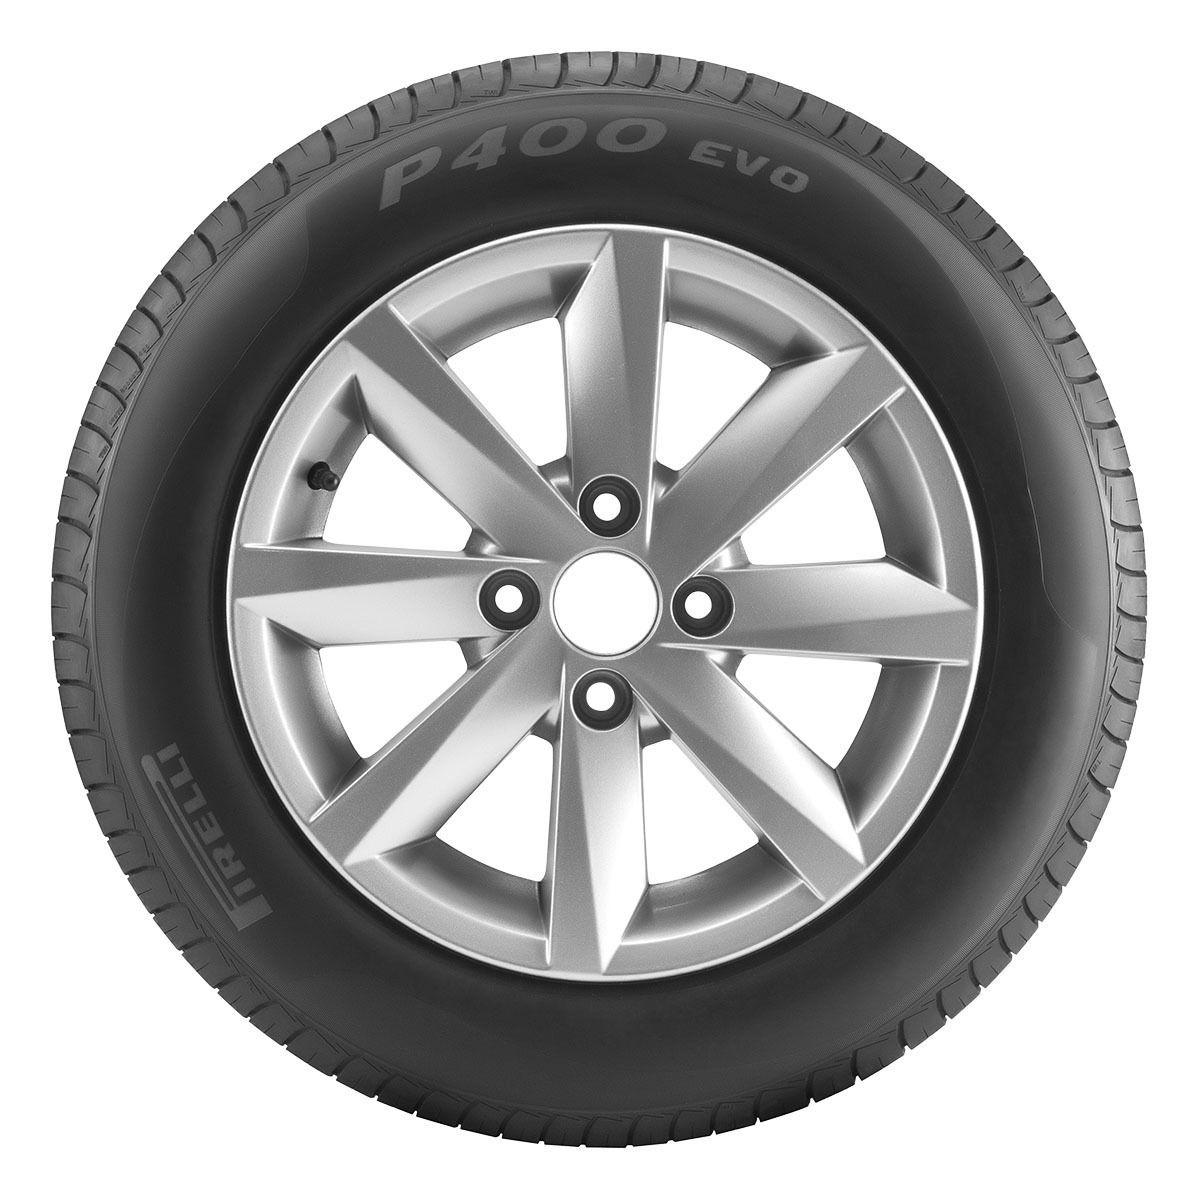 Pneu 205/55 R 16 - P400 Evo 91V - Pirelli